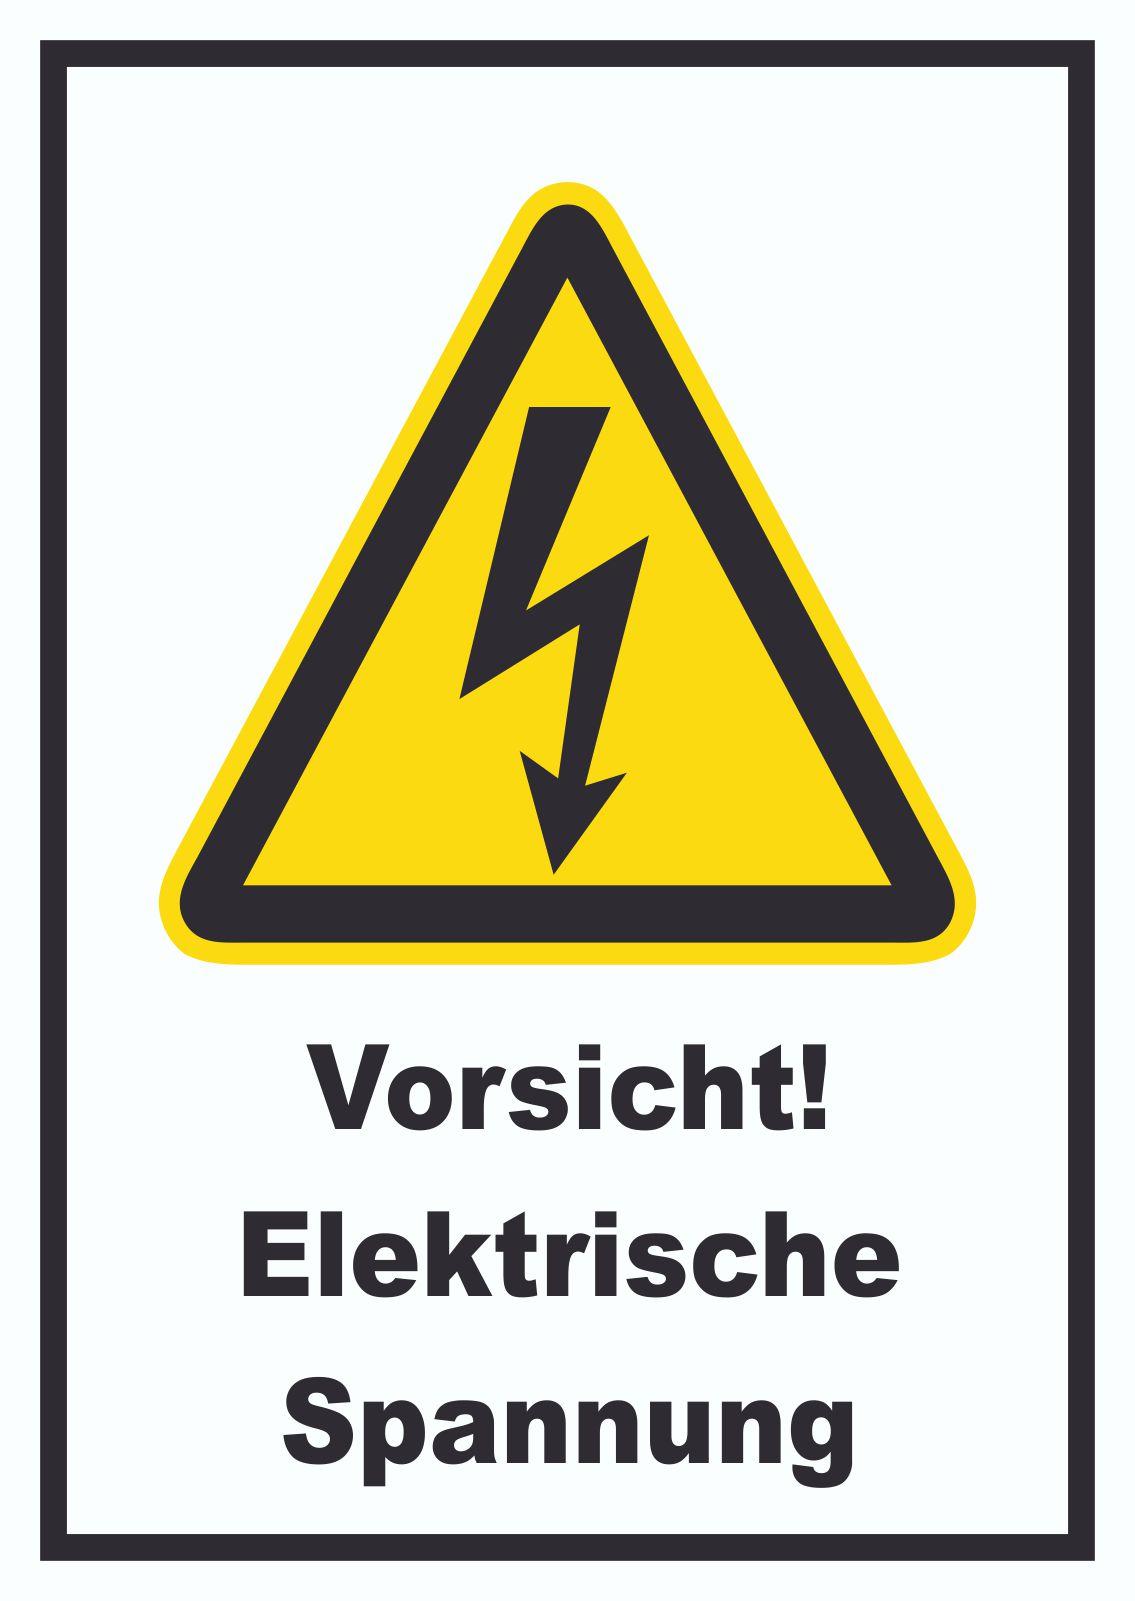 Vorsicht Elektrische Spannung Aufkleber